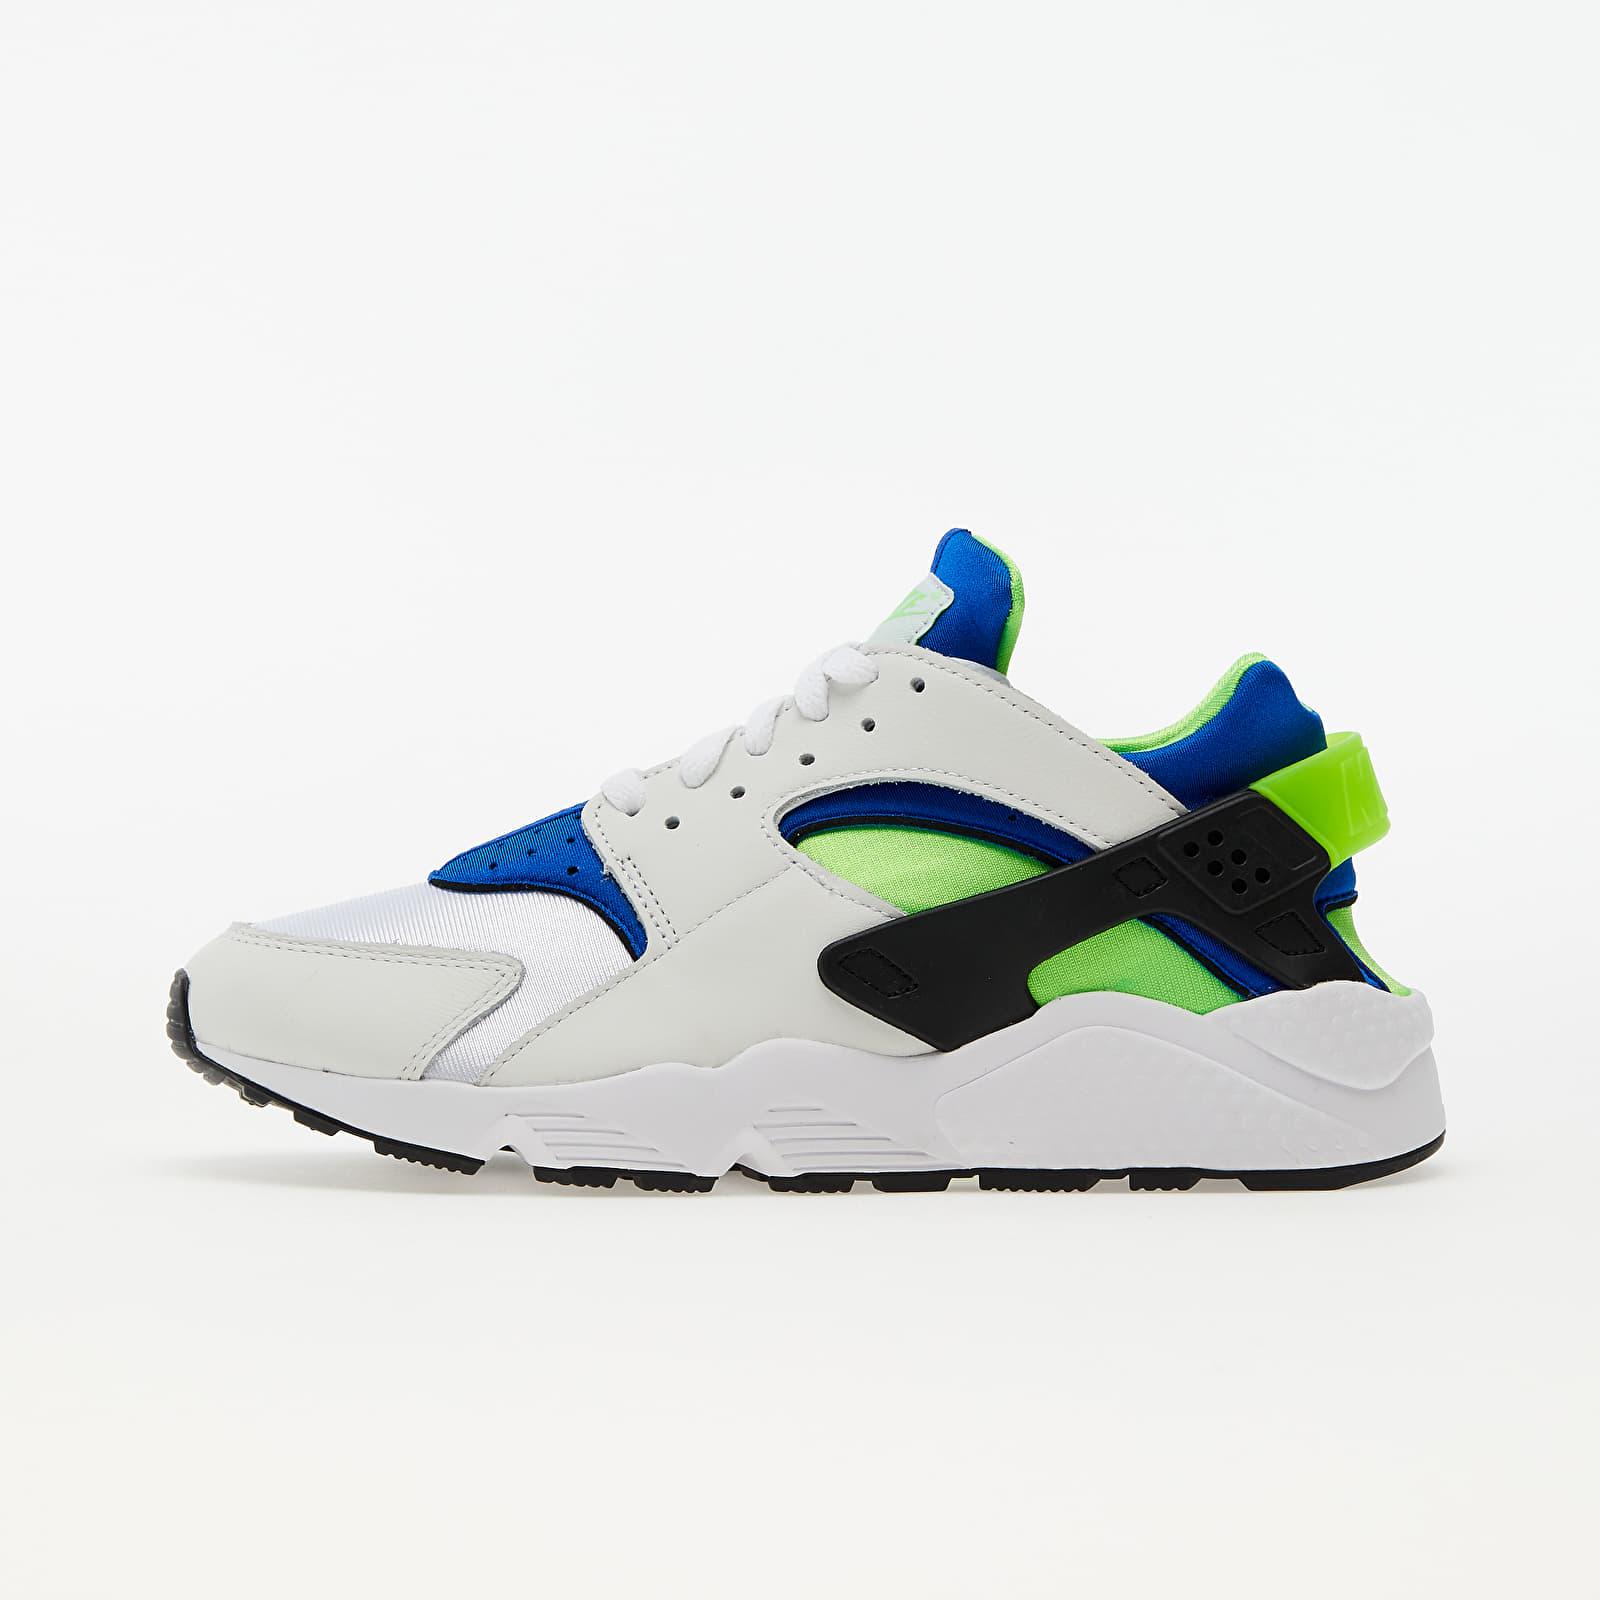 Nike Air Huarache White/ Scream Green-Royal Blue-Black   Footshop